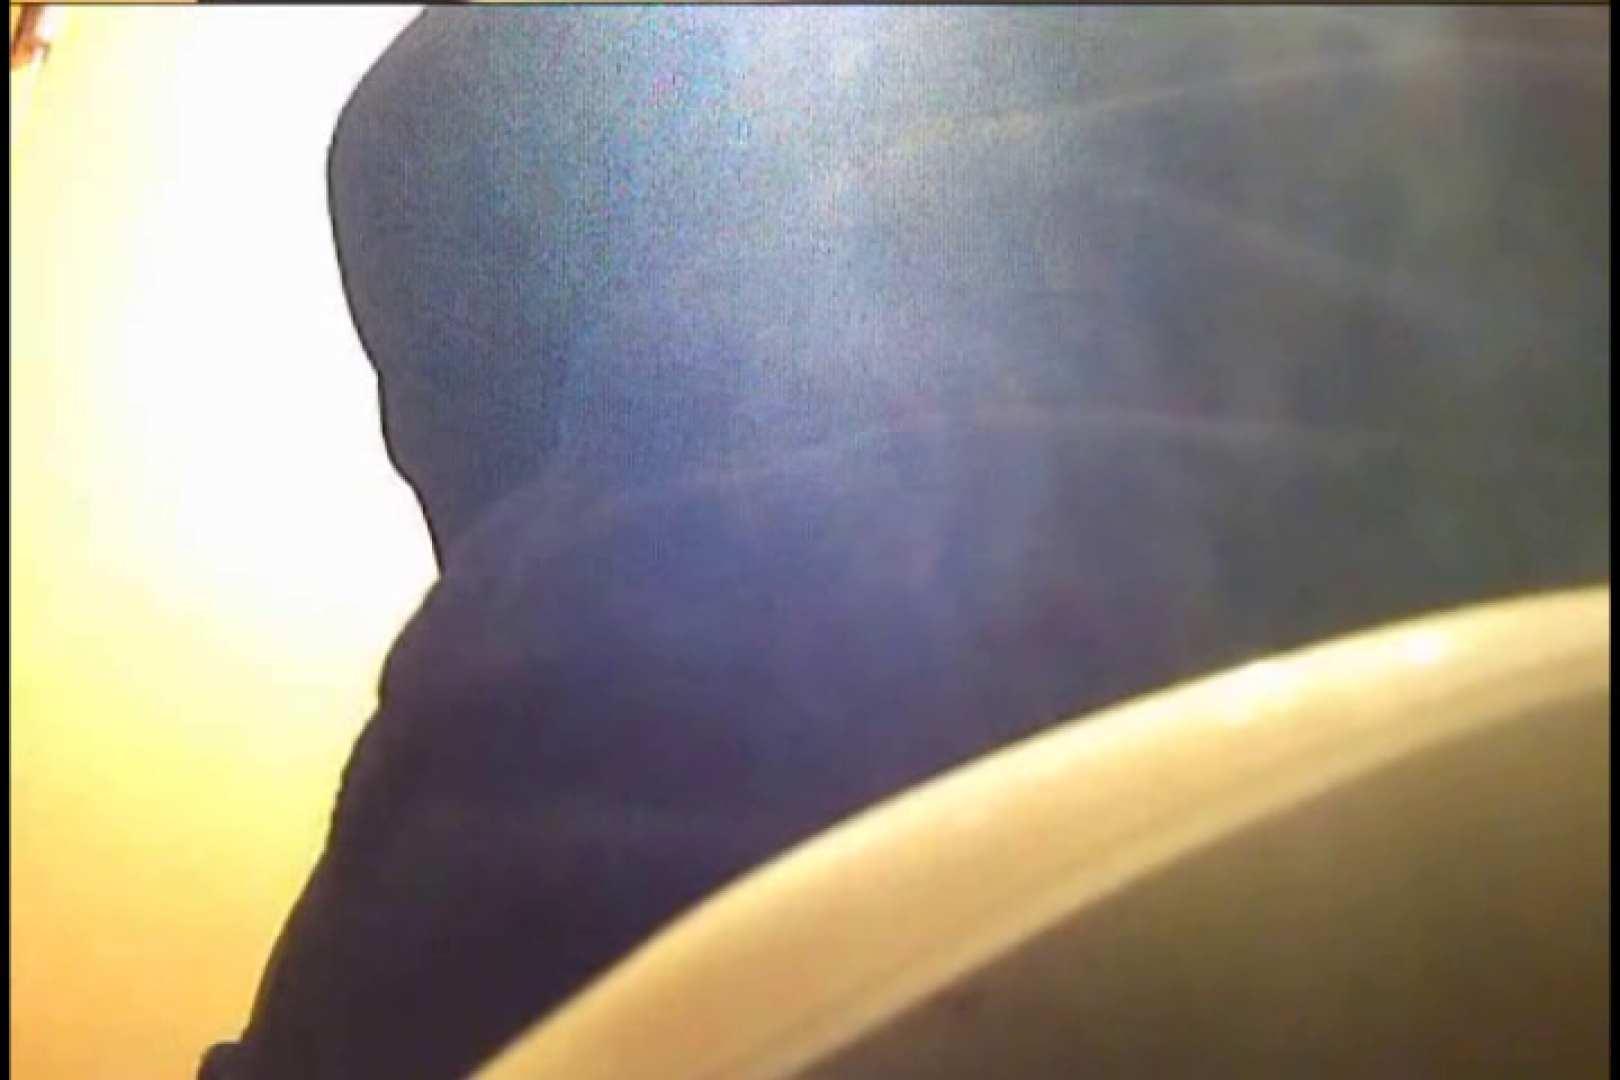 実録!熟女の用の足し方を覗く!! Vol.03 エッチすぎるOL達 | ナプキン  92連発 64